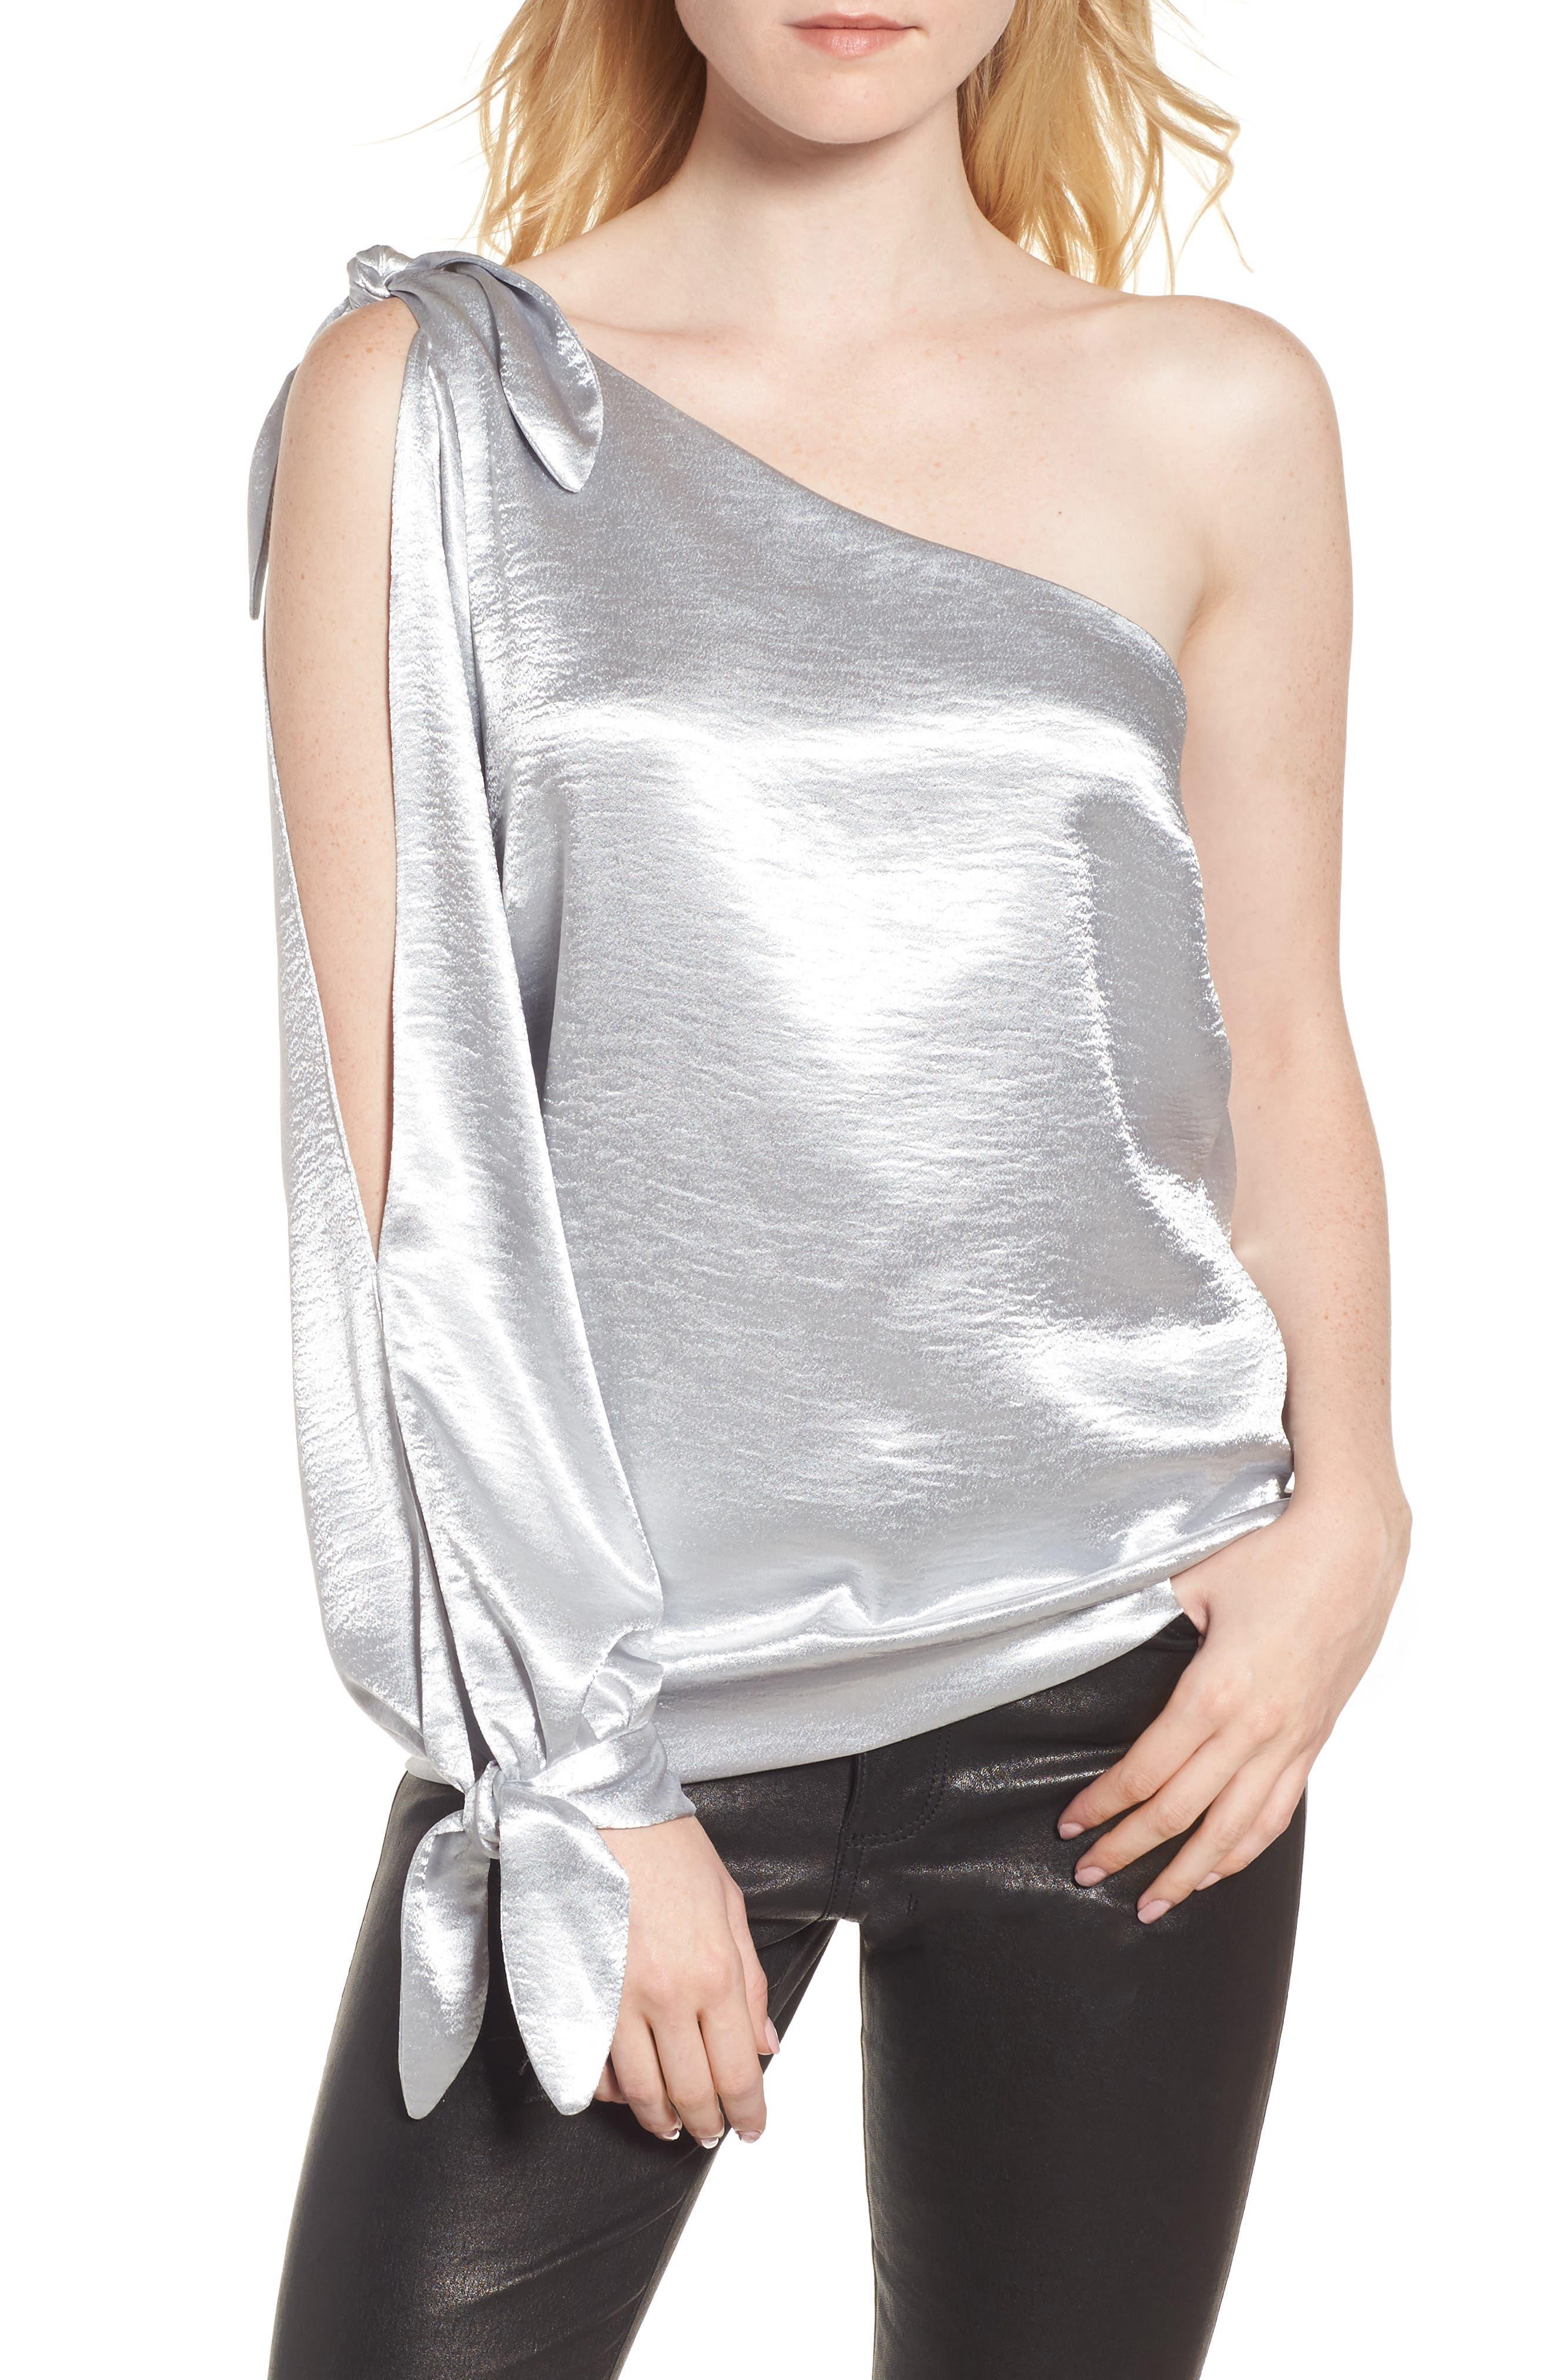 Rebecca Minkoff Nash One-Shoulder Blouse